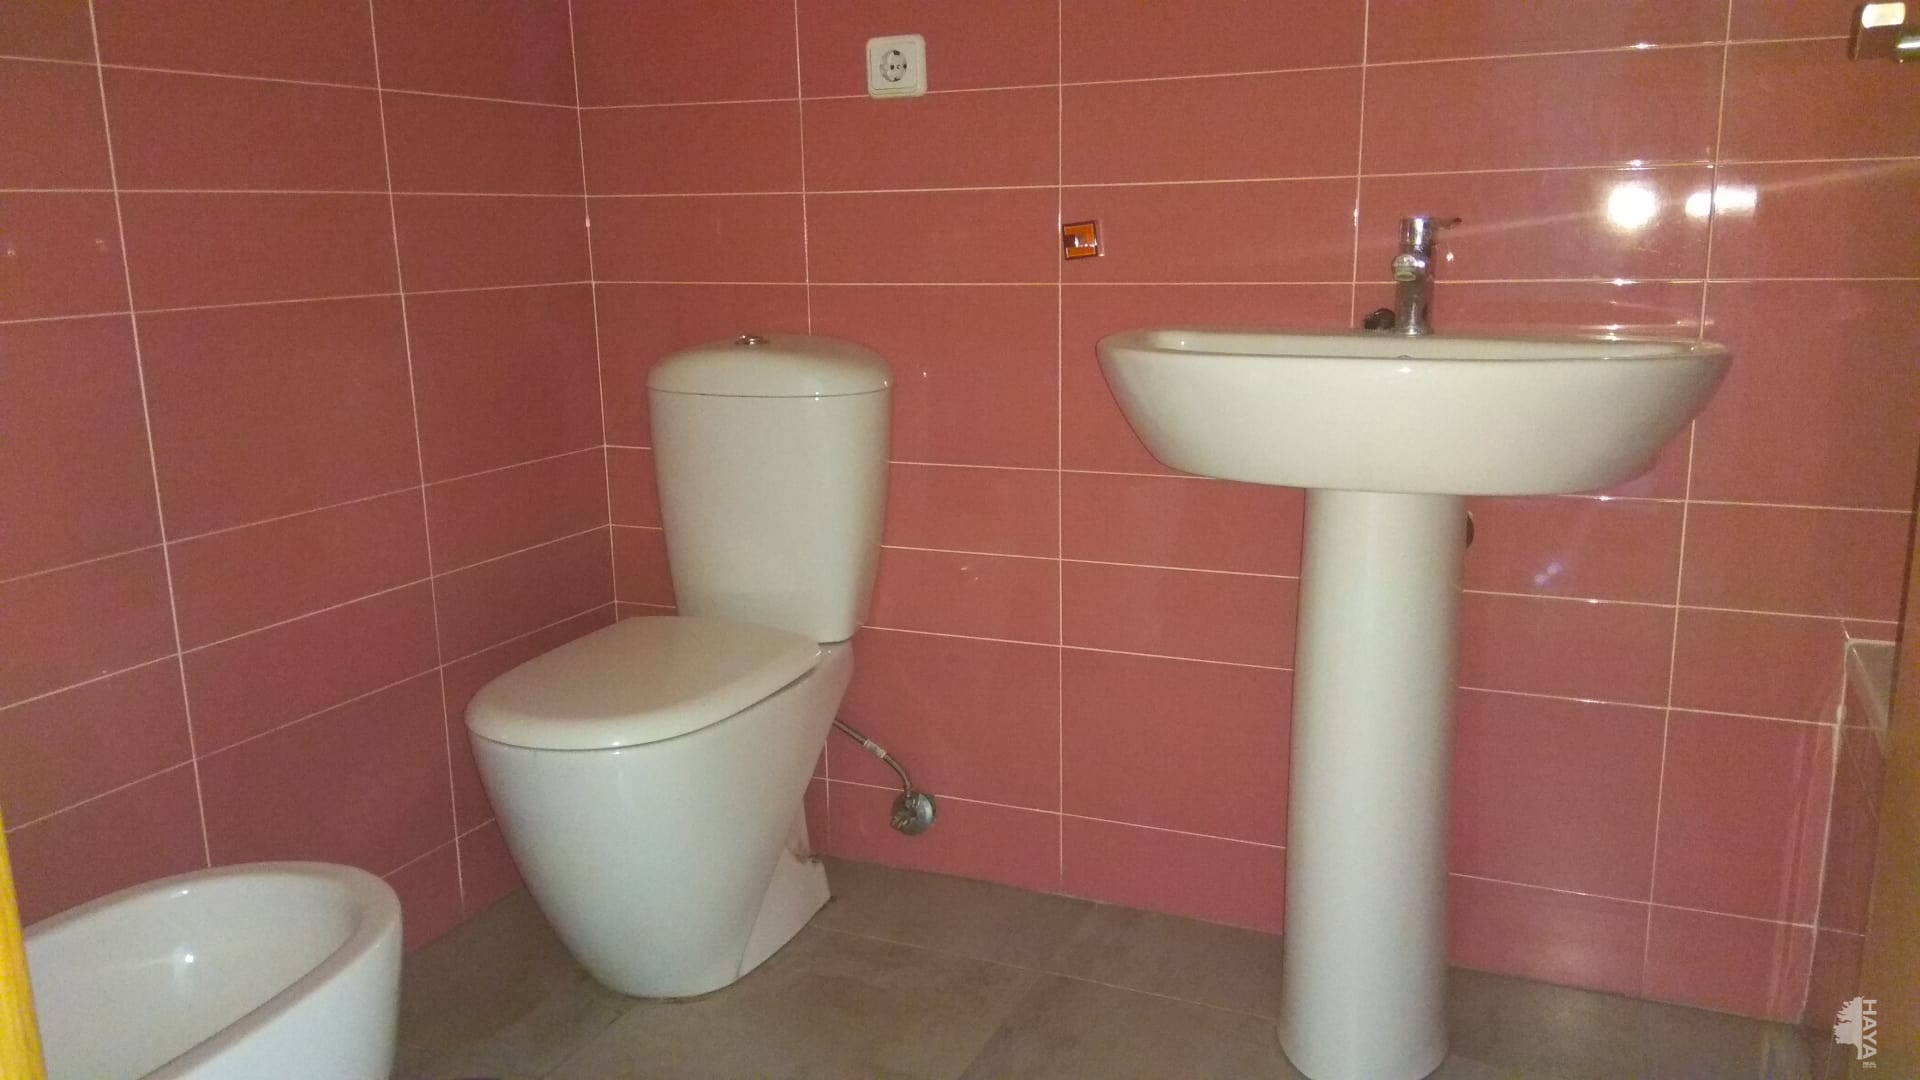 Piso en venta en Piso en Murcia, Murcia, 112.020 €, 2 habitaciones, 2 baños, 109 m2, Garaje